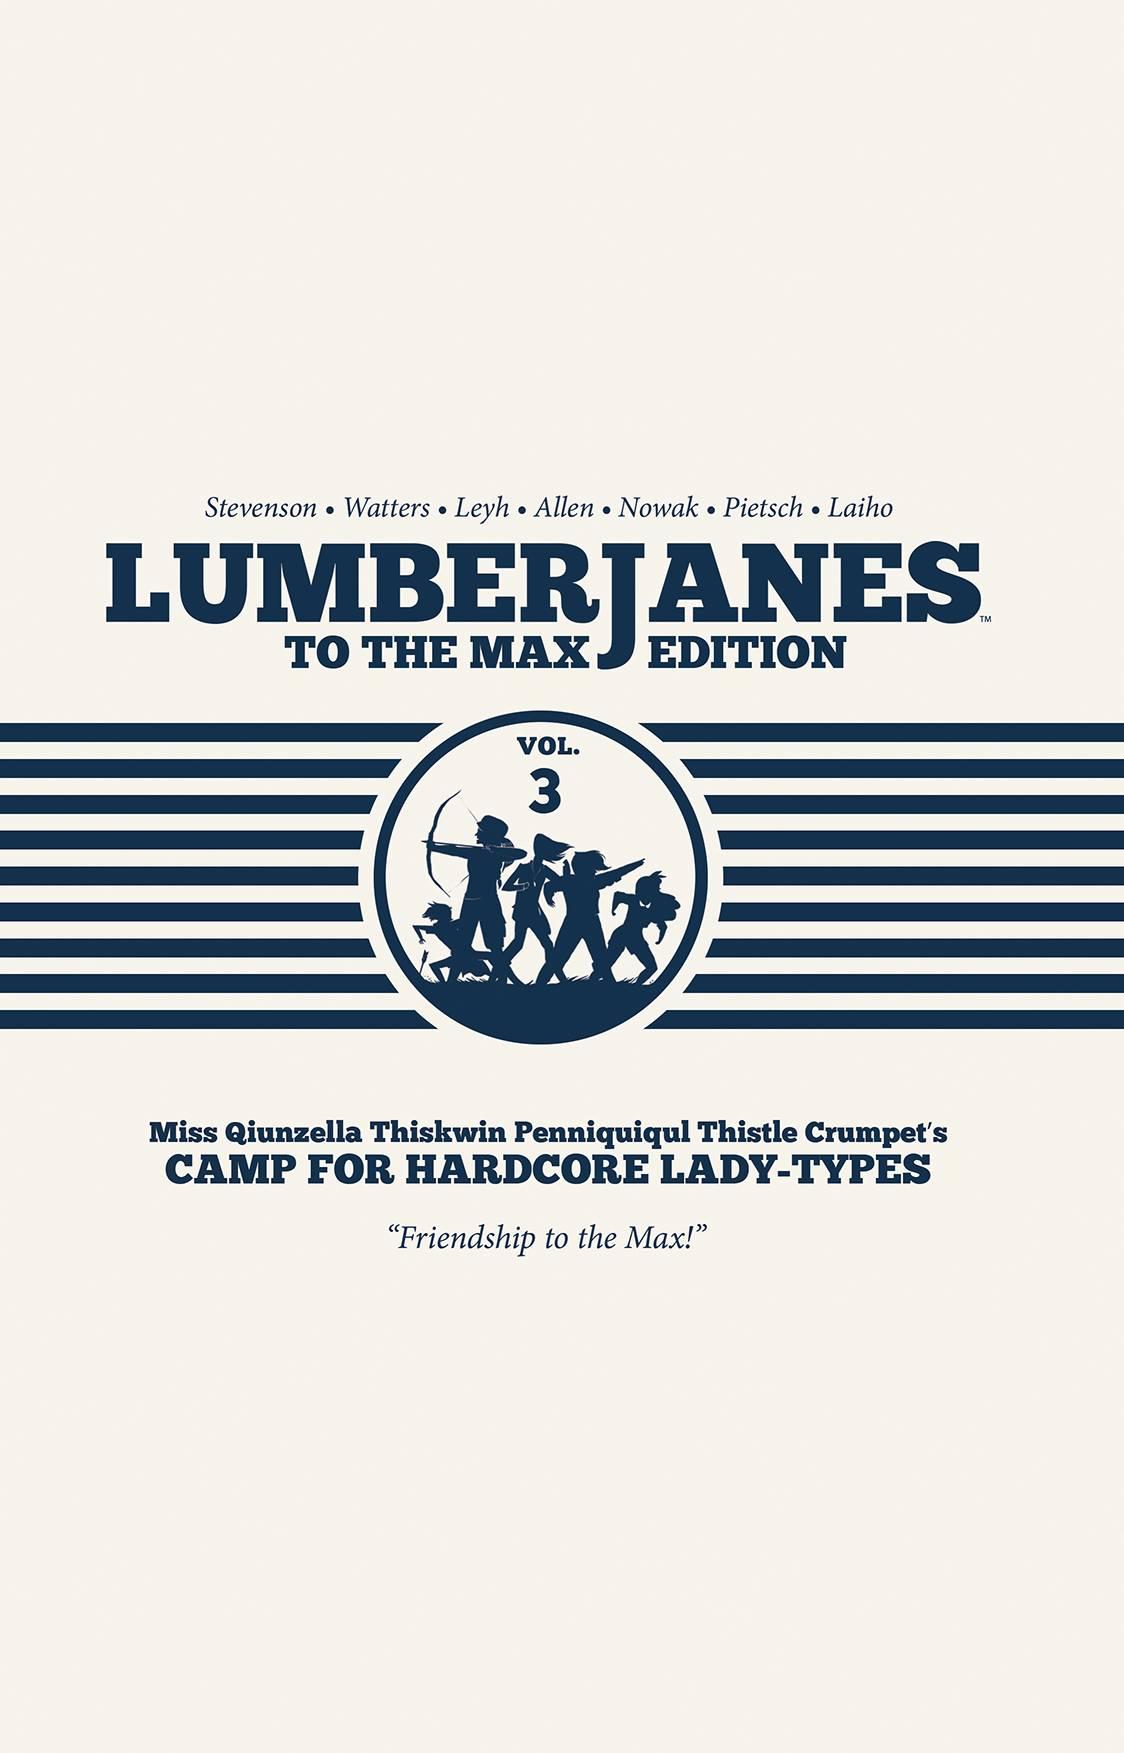 Lumberjanes HC3